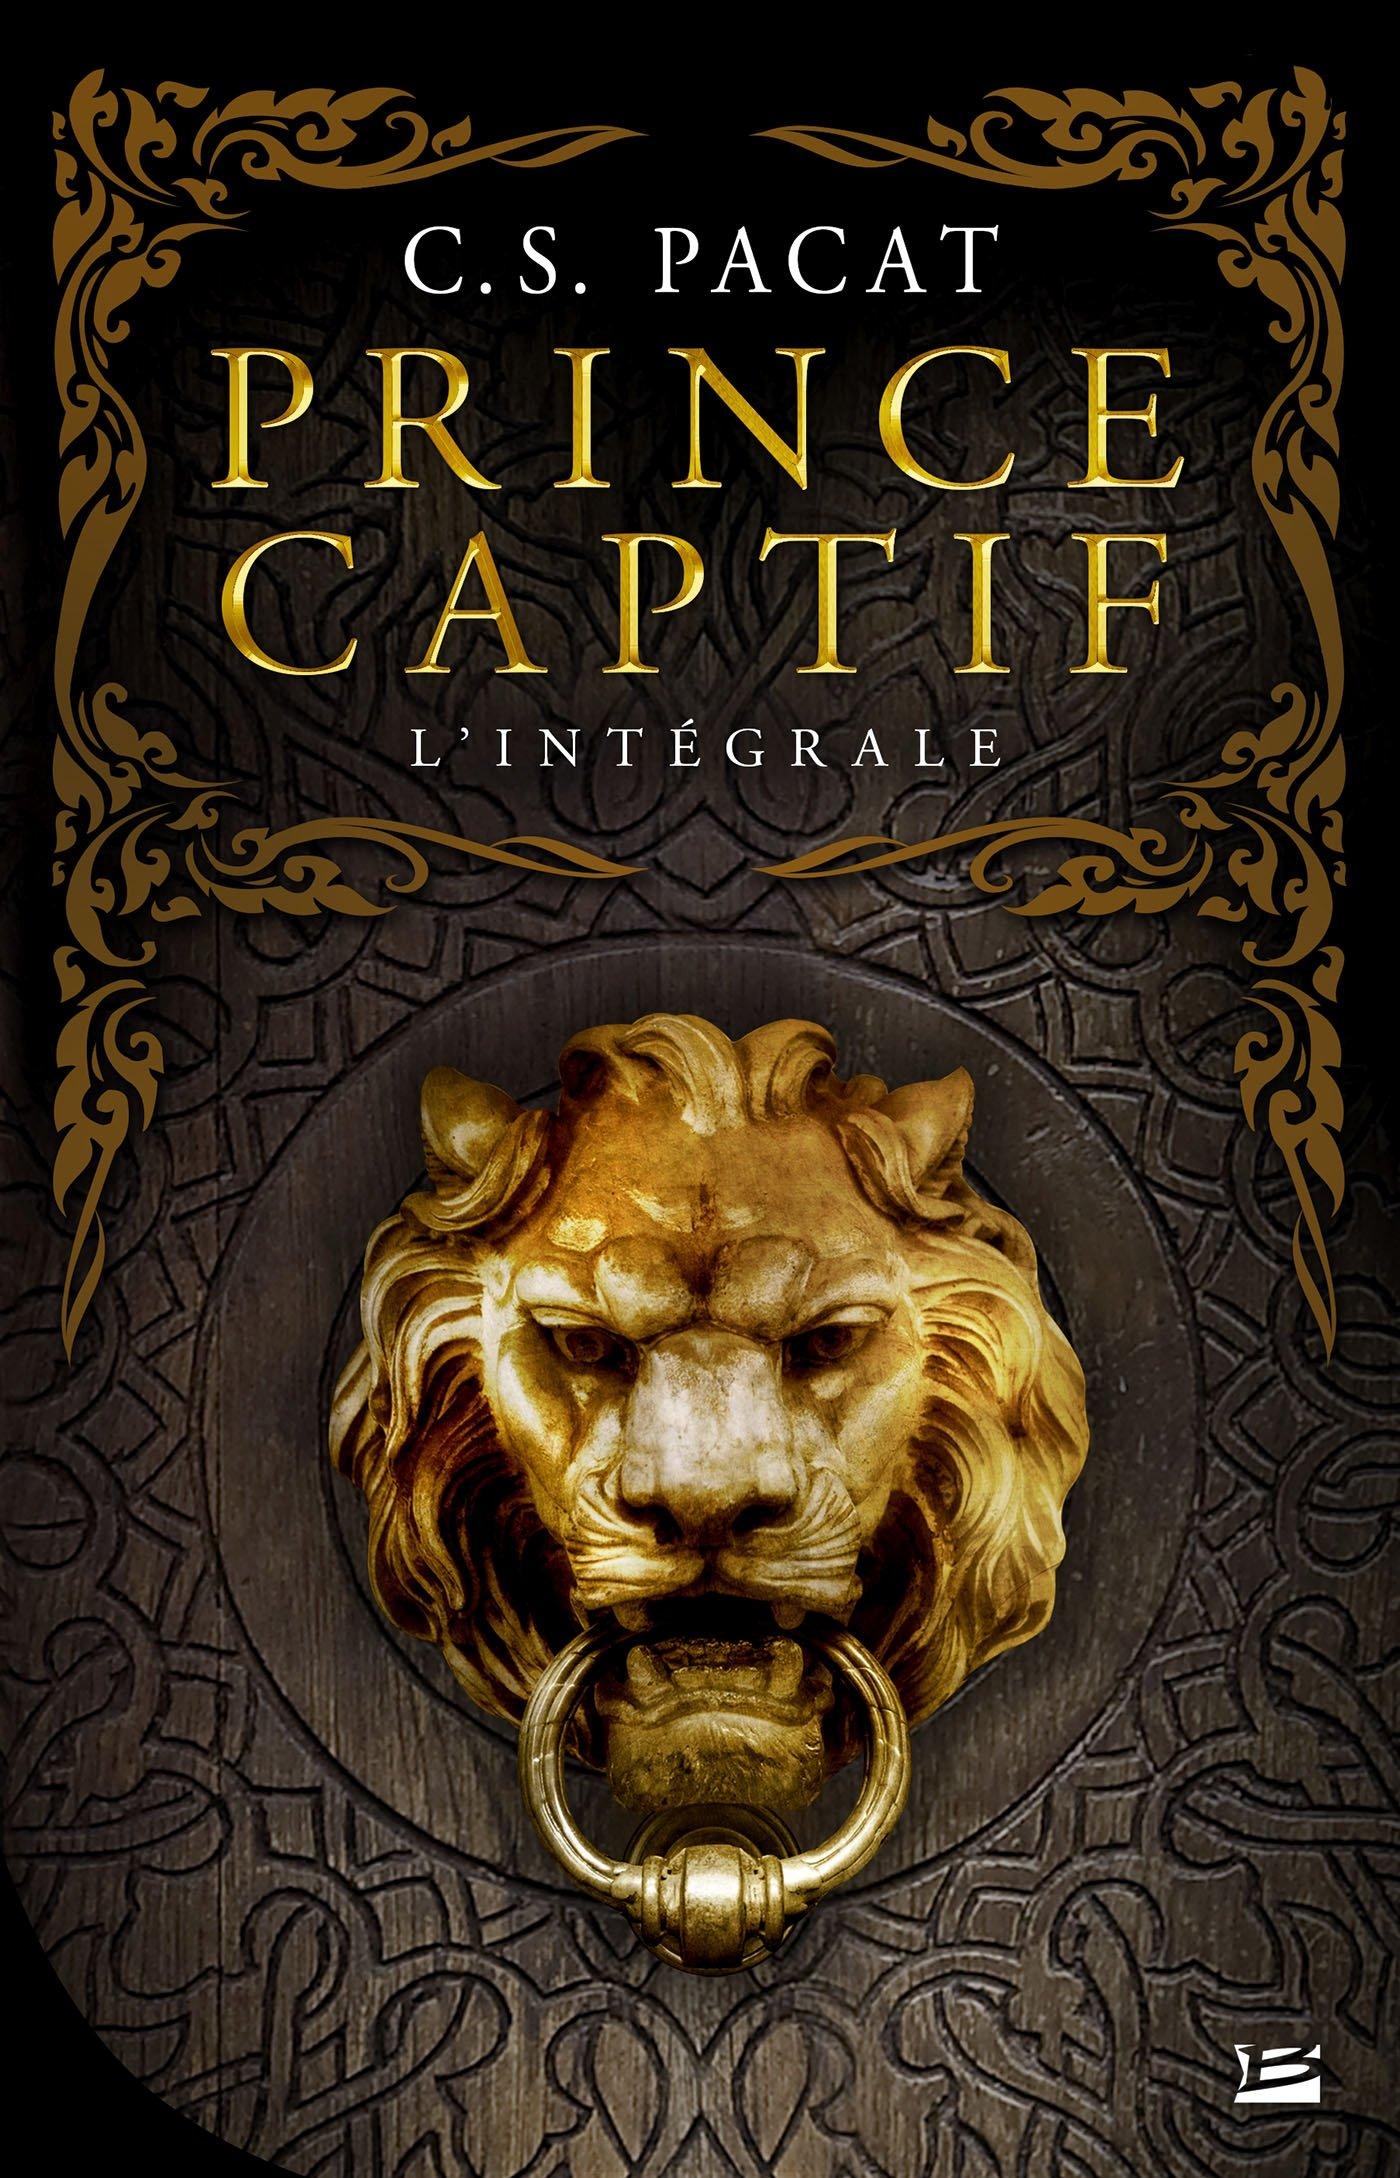 Amazon.fr - Prince captif - L'intégrale - Pacat, C.S. - Livres